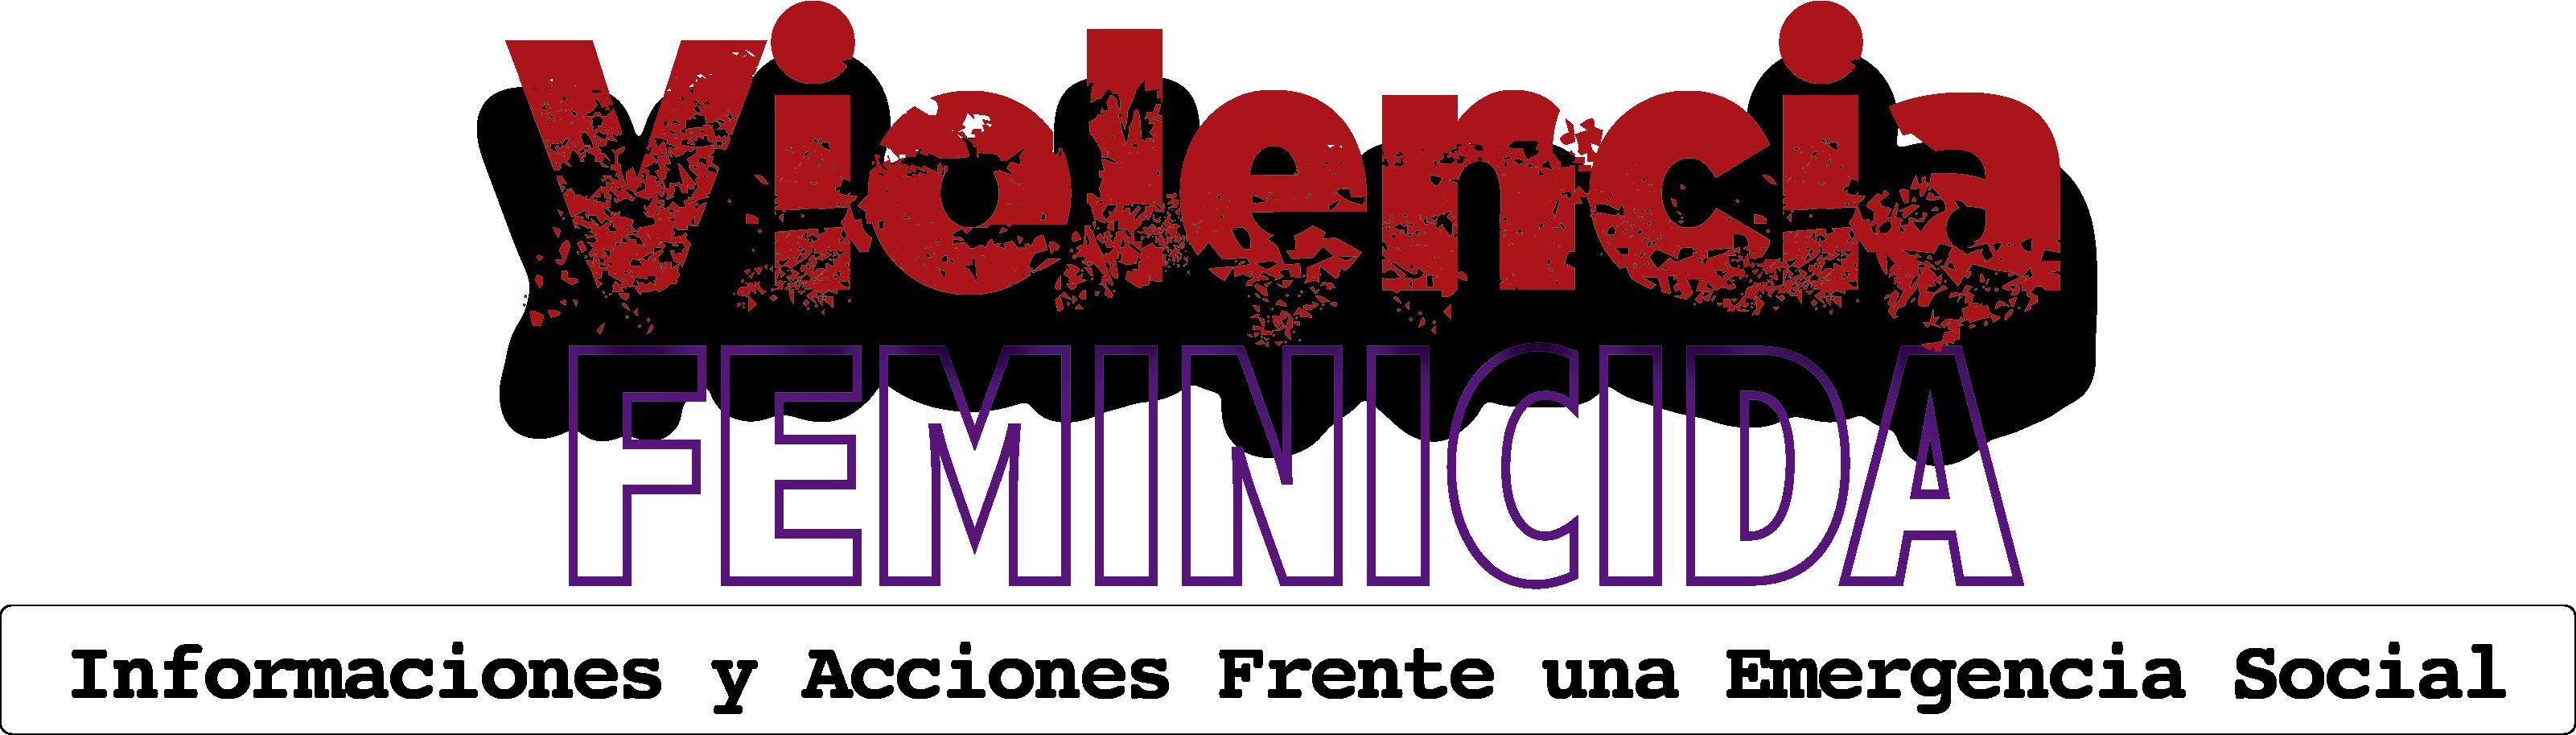 detener_feminicido